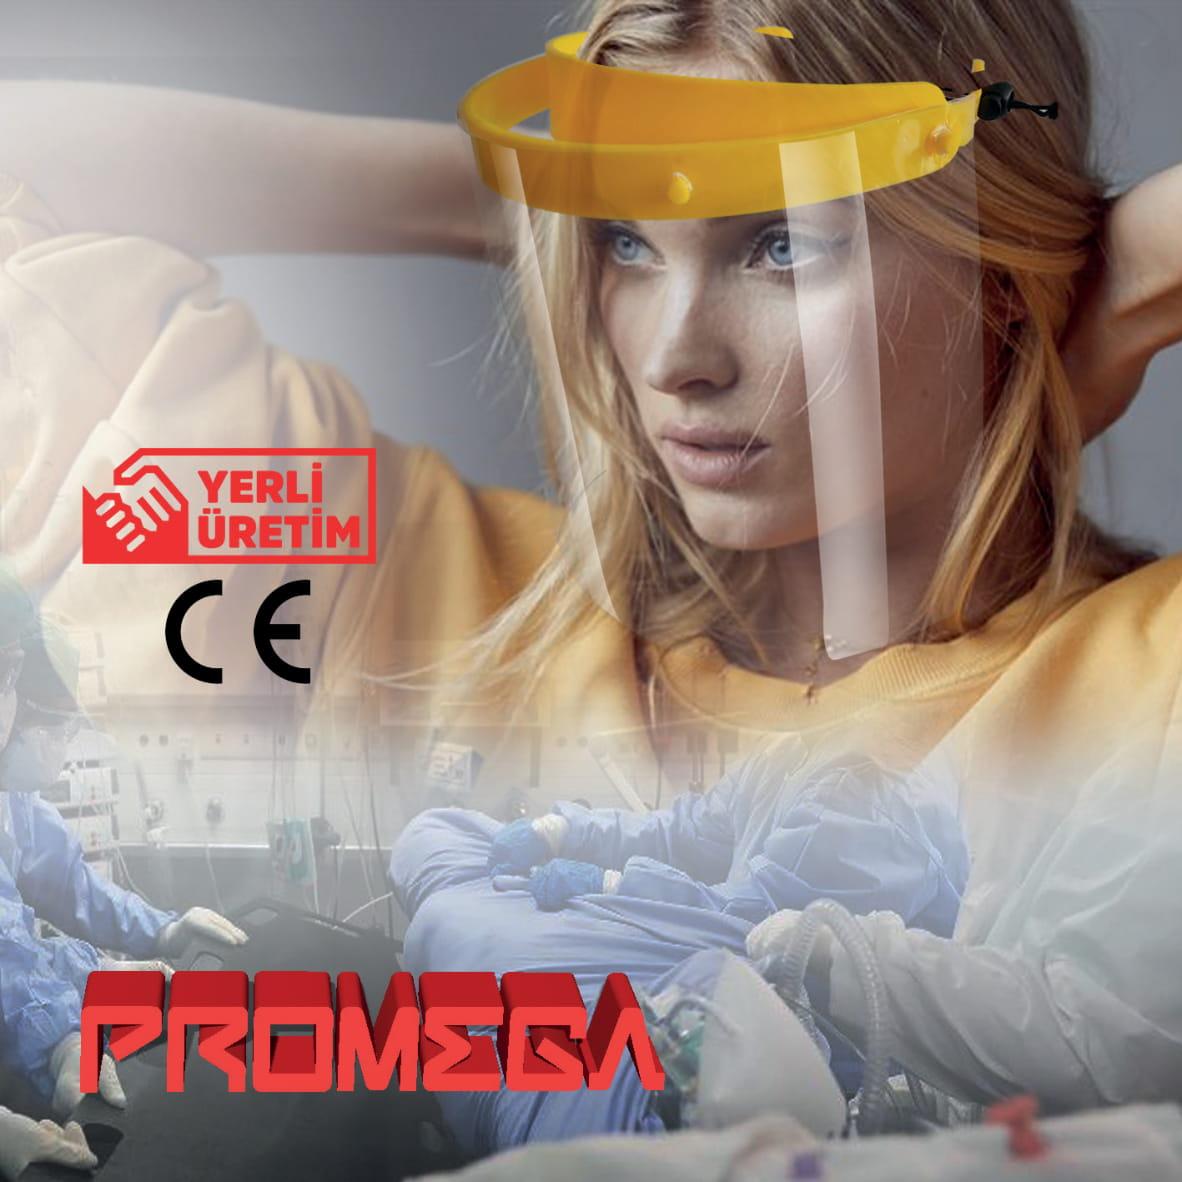 promega2 1(1)